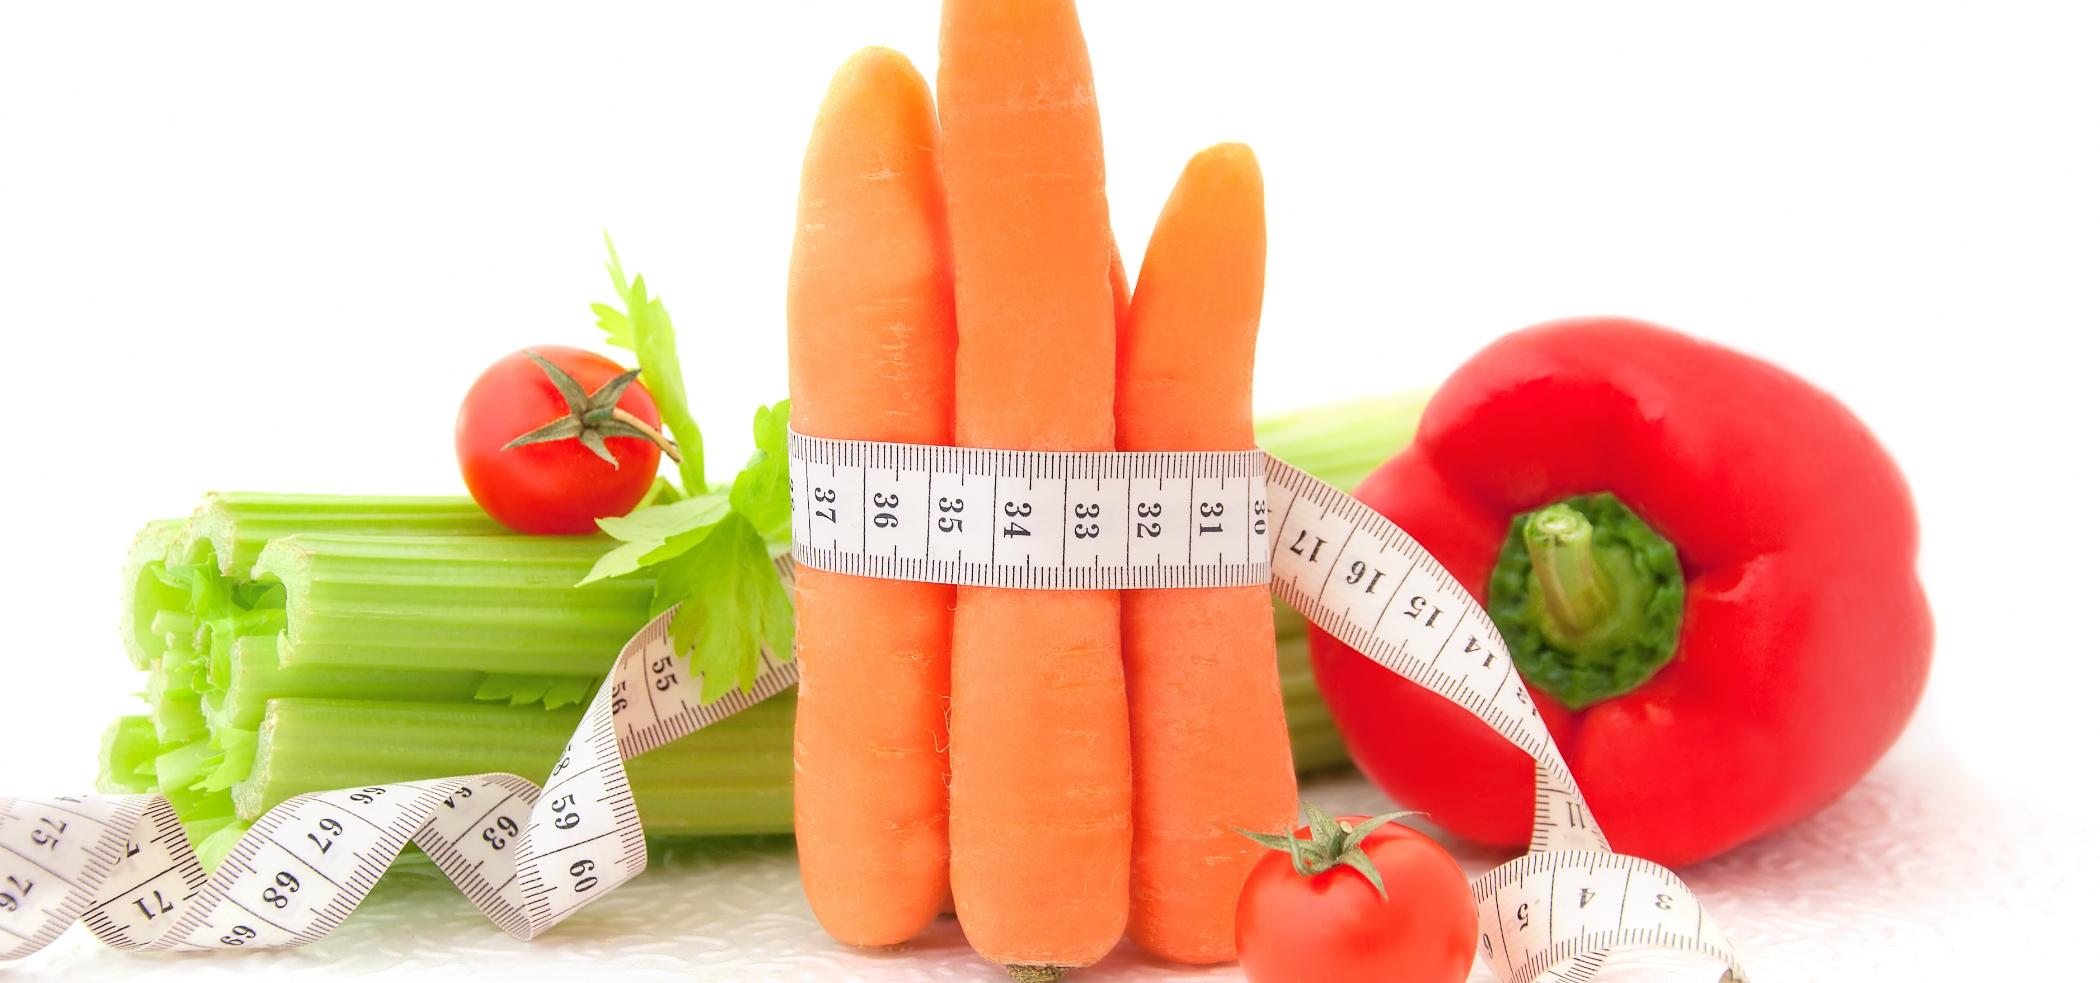 Дни благоприятные для начала диеты